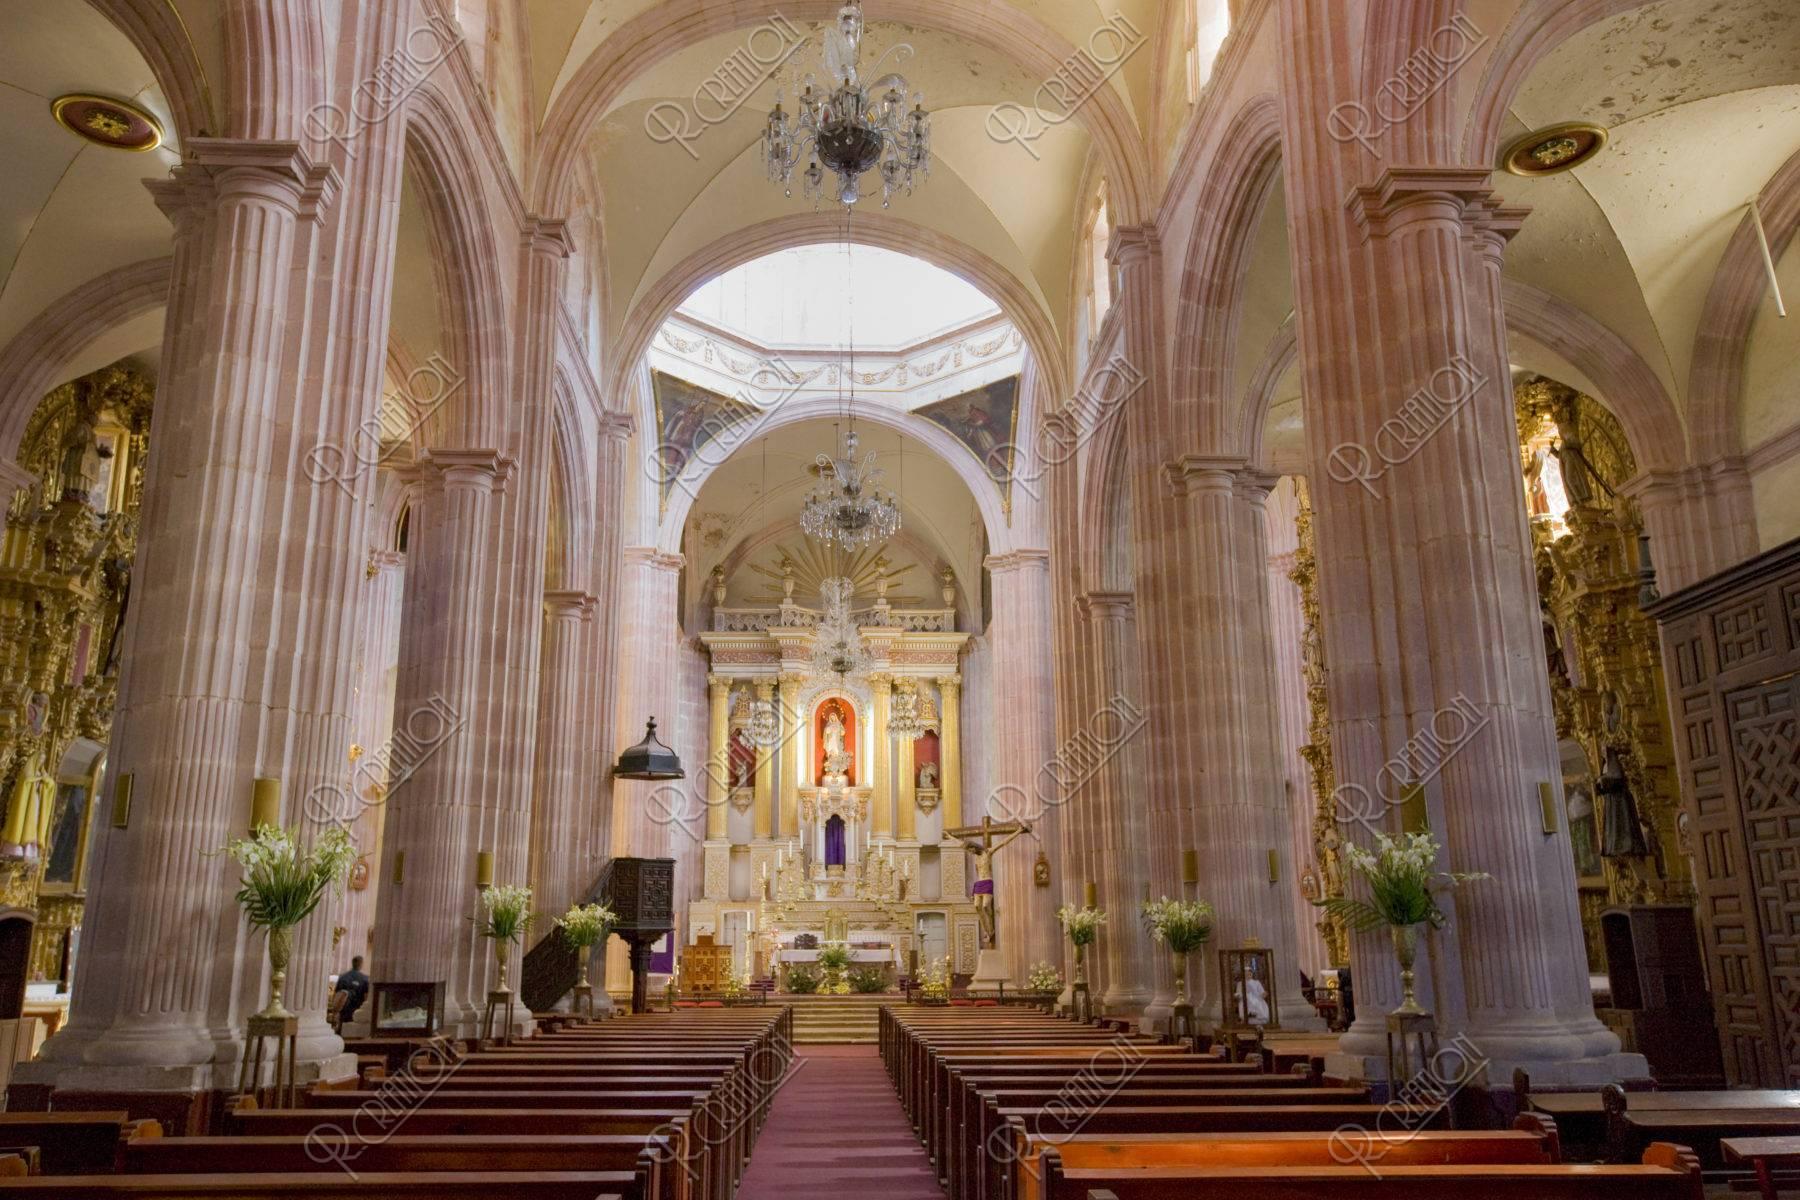 サントドミンゴ教会 内部